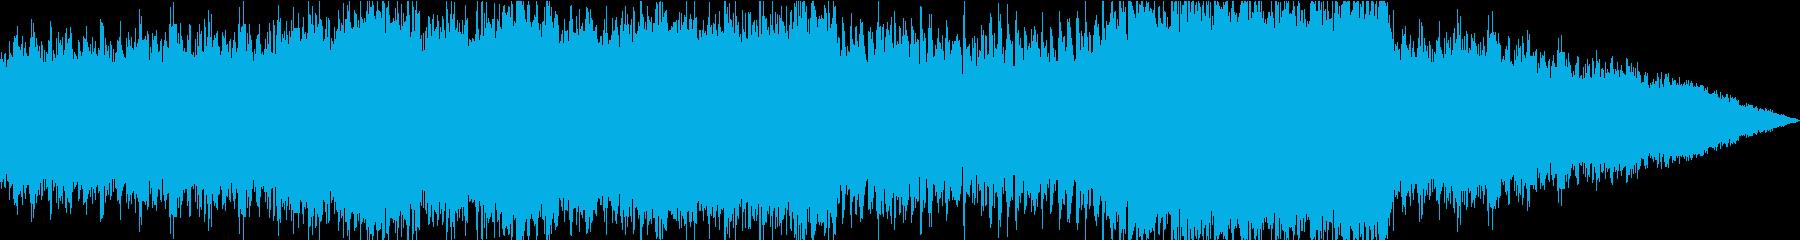 背中を押してくれるBGMの再生済みの波形